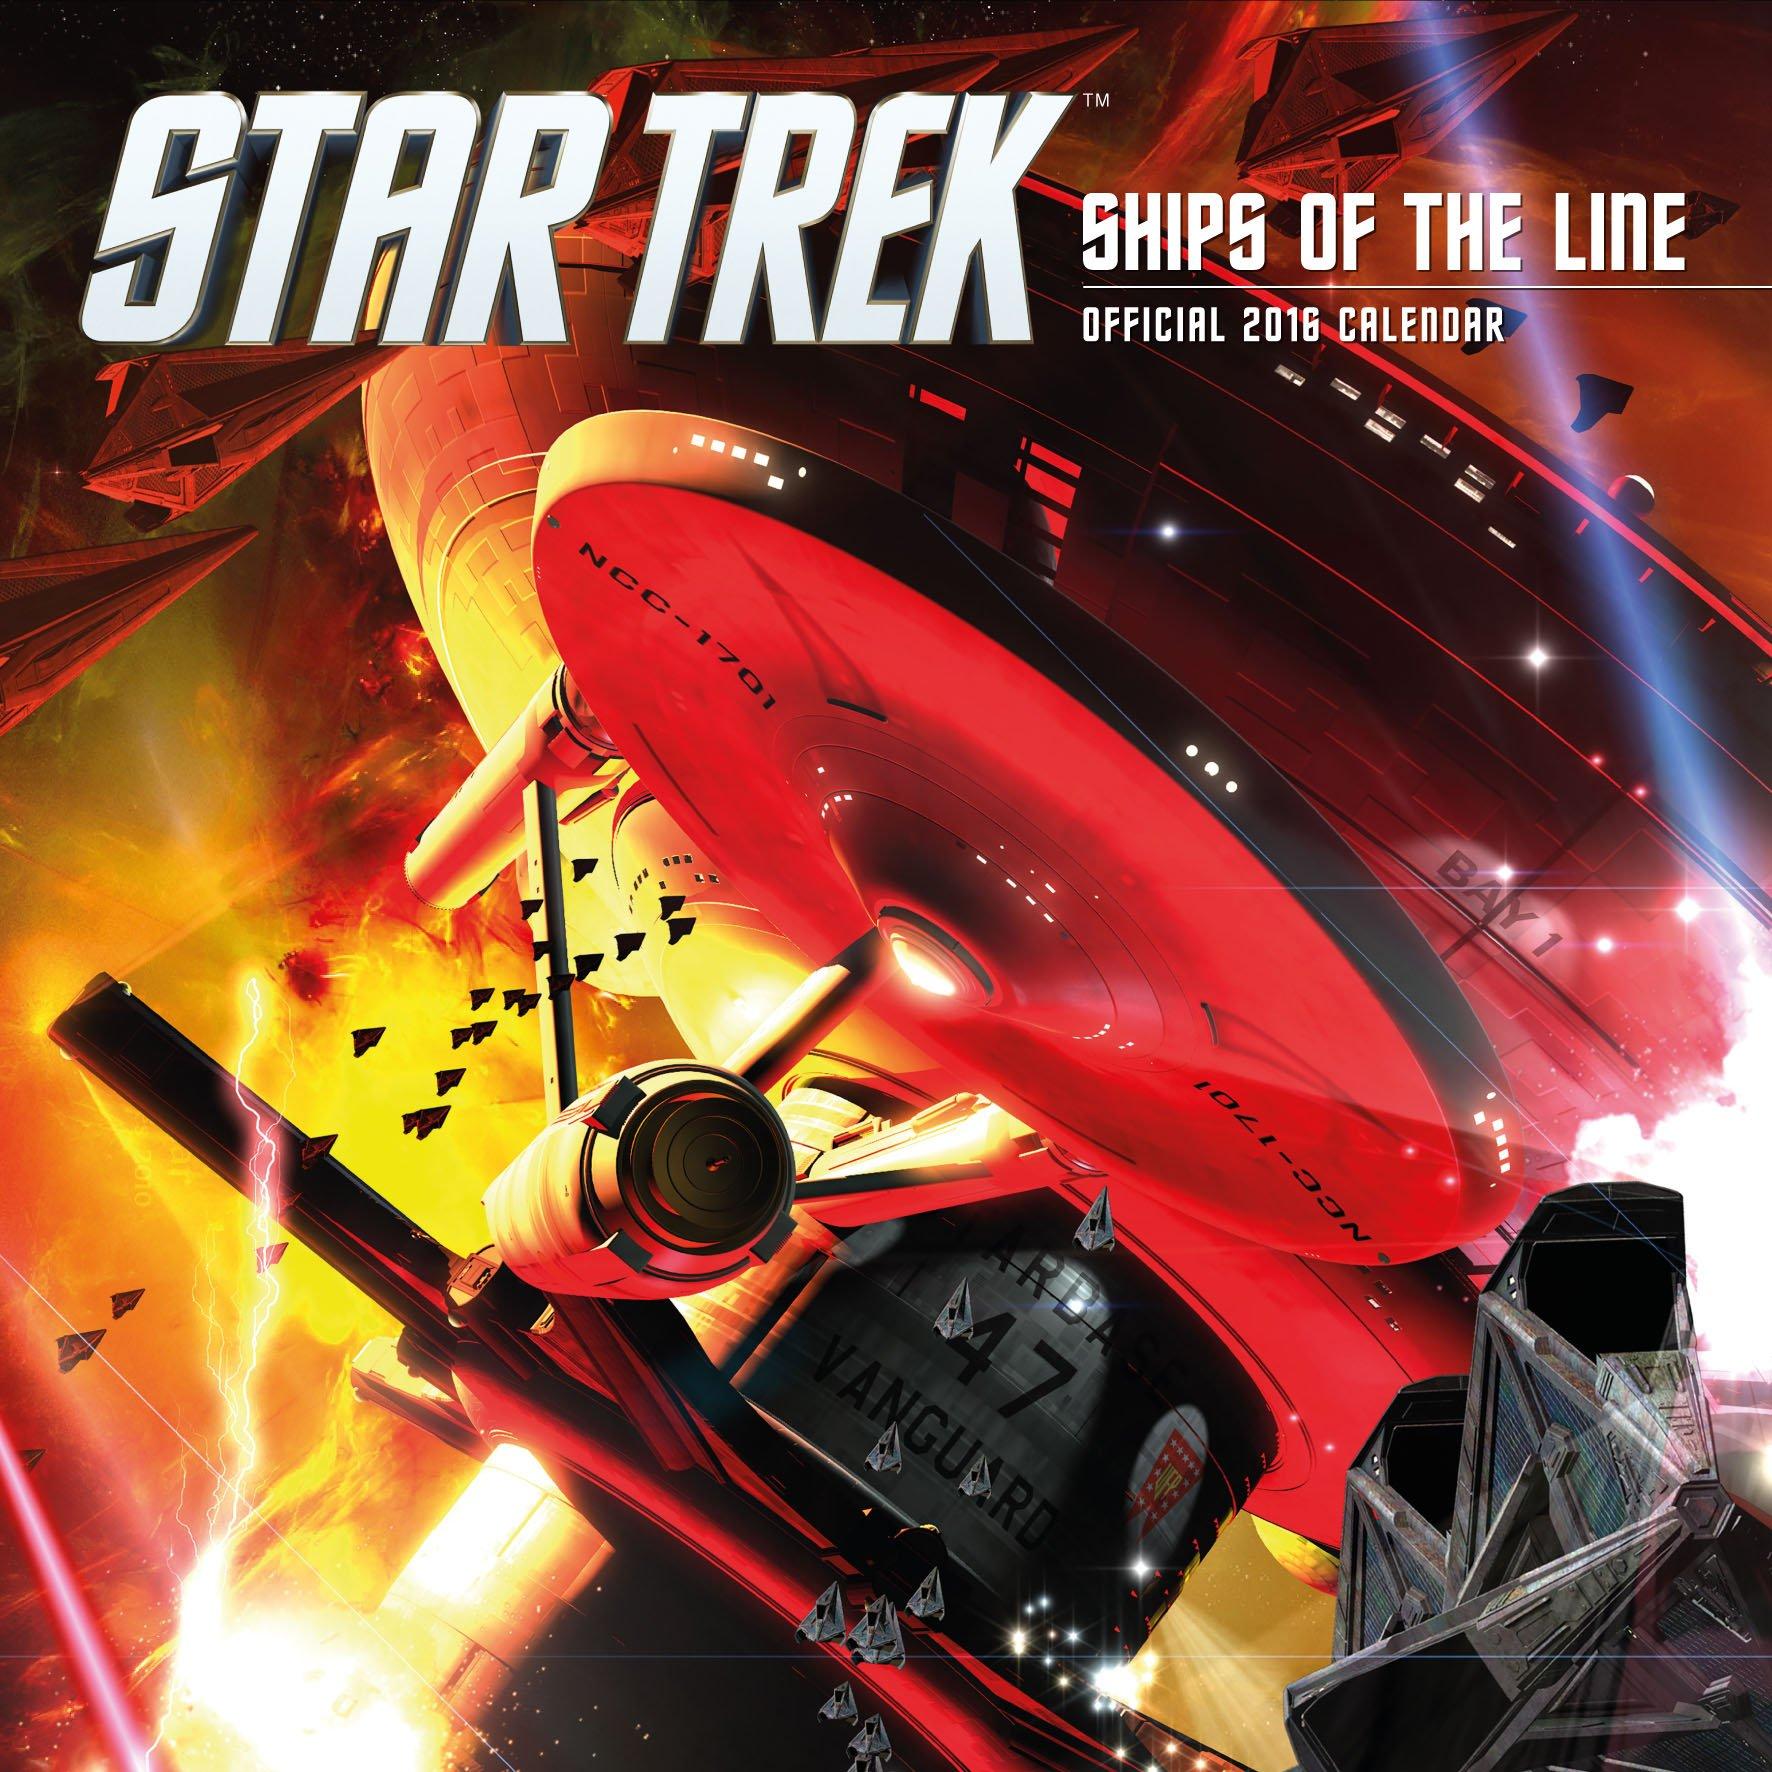 Official Star Trek 2016 Square Wall Calendar (Ships of the Line Calendar) Calendario – Ridotto, Audiolibro, Cofanetto Danilo Danilo Promotions Limited 1780549814 Non-Classifiable